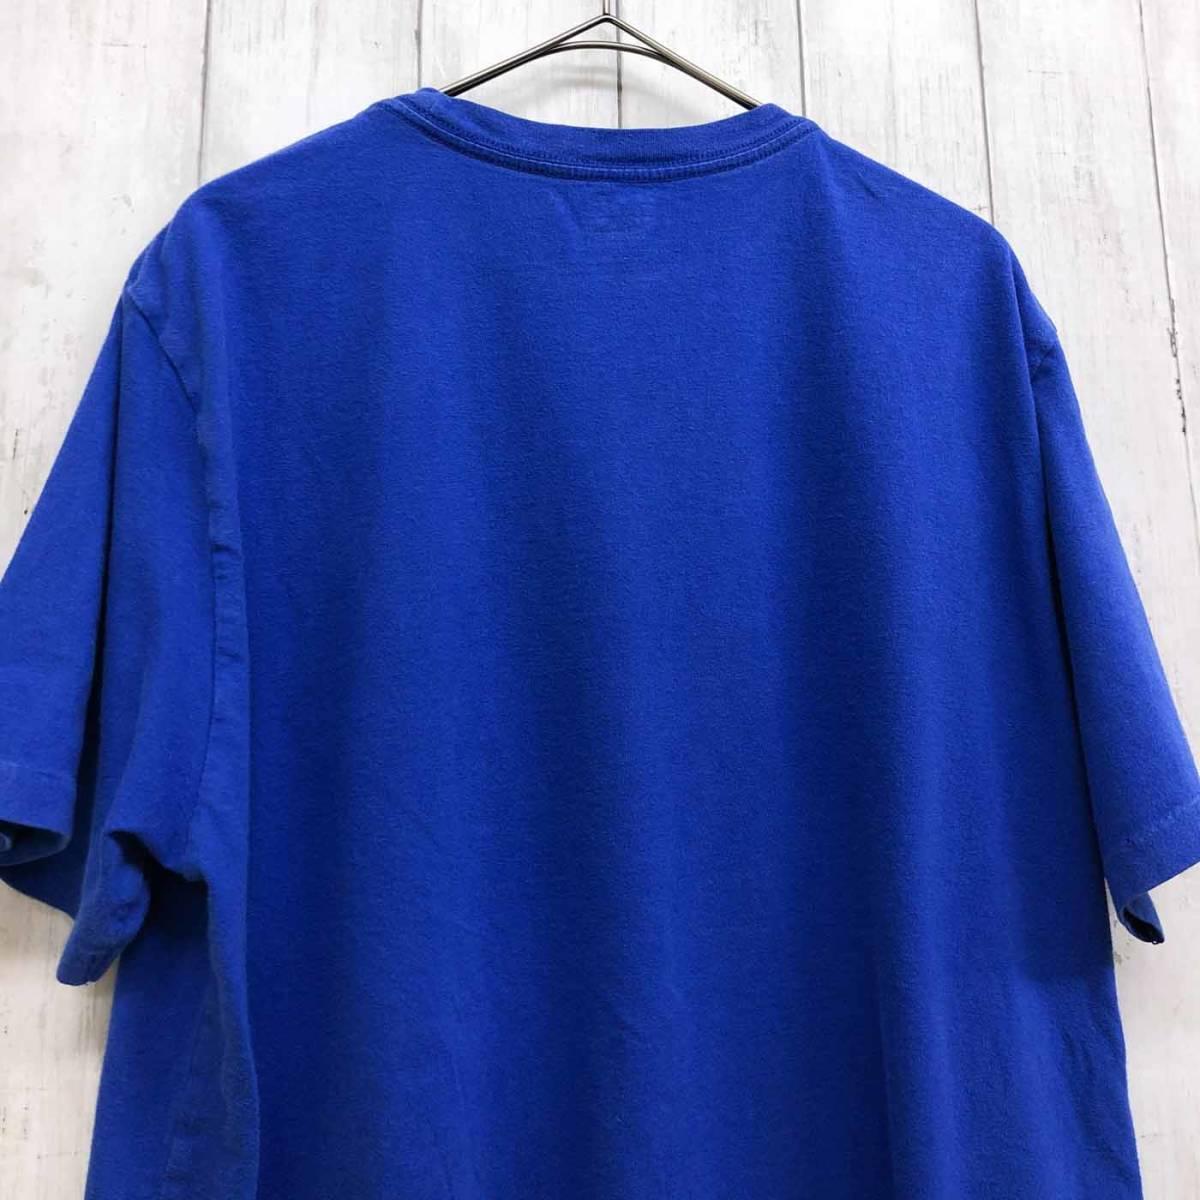 ラルフローレン POLO Ralph Lauren Polo 半袖Tシャツ メンズ ワンポイント XLサイズ 9-87_画像8